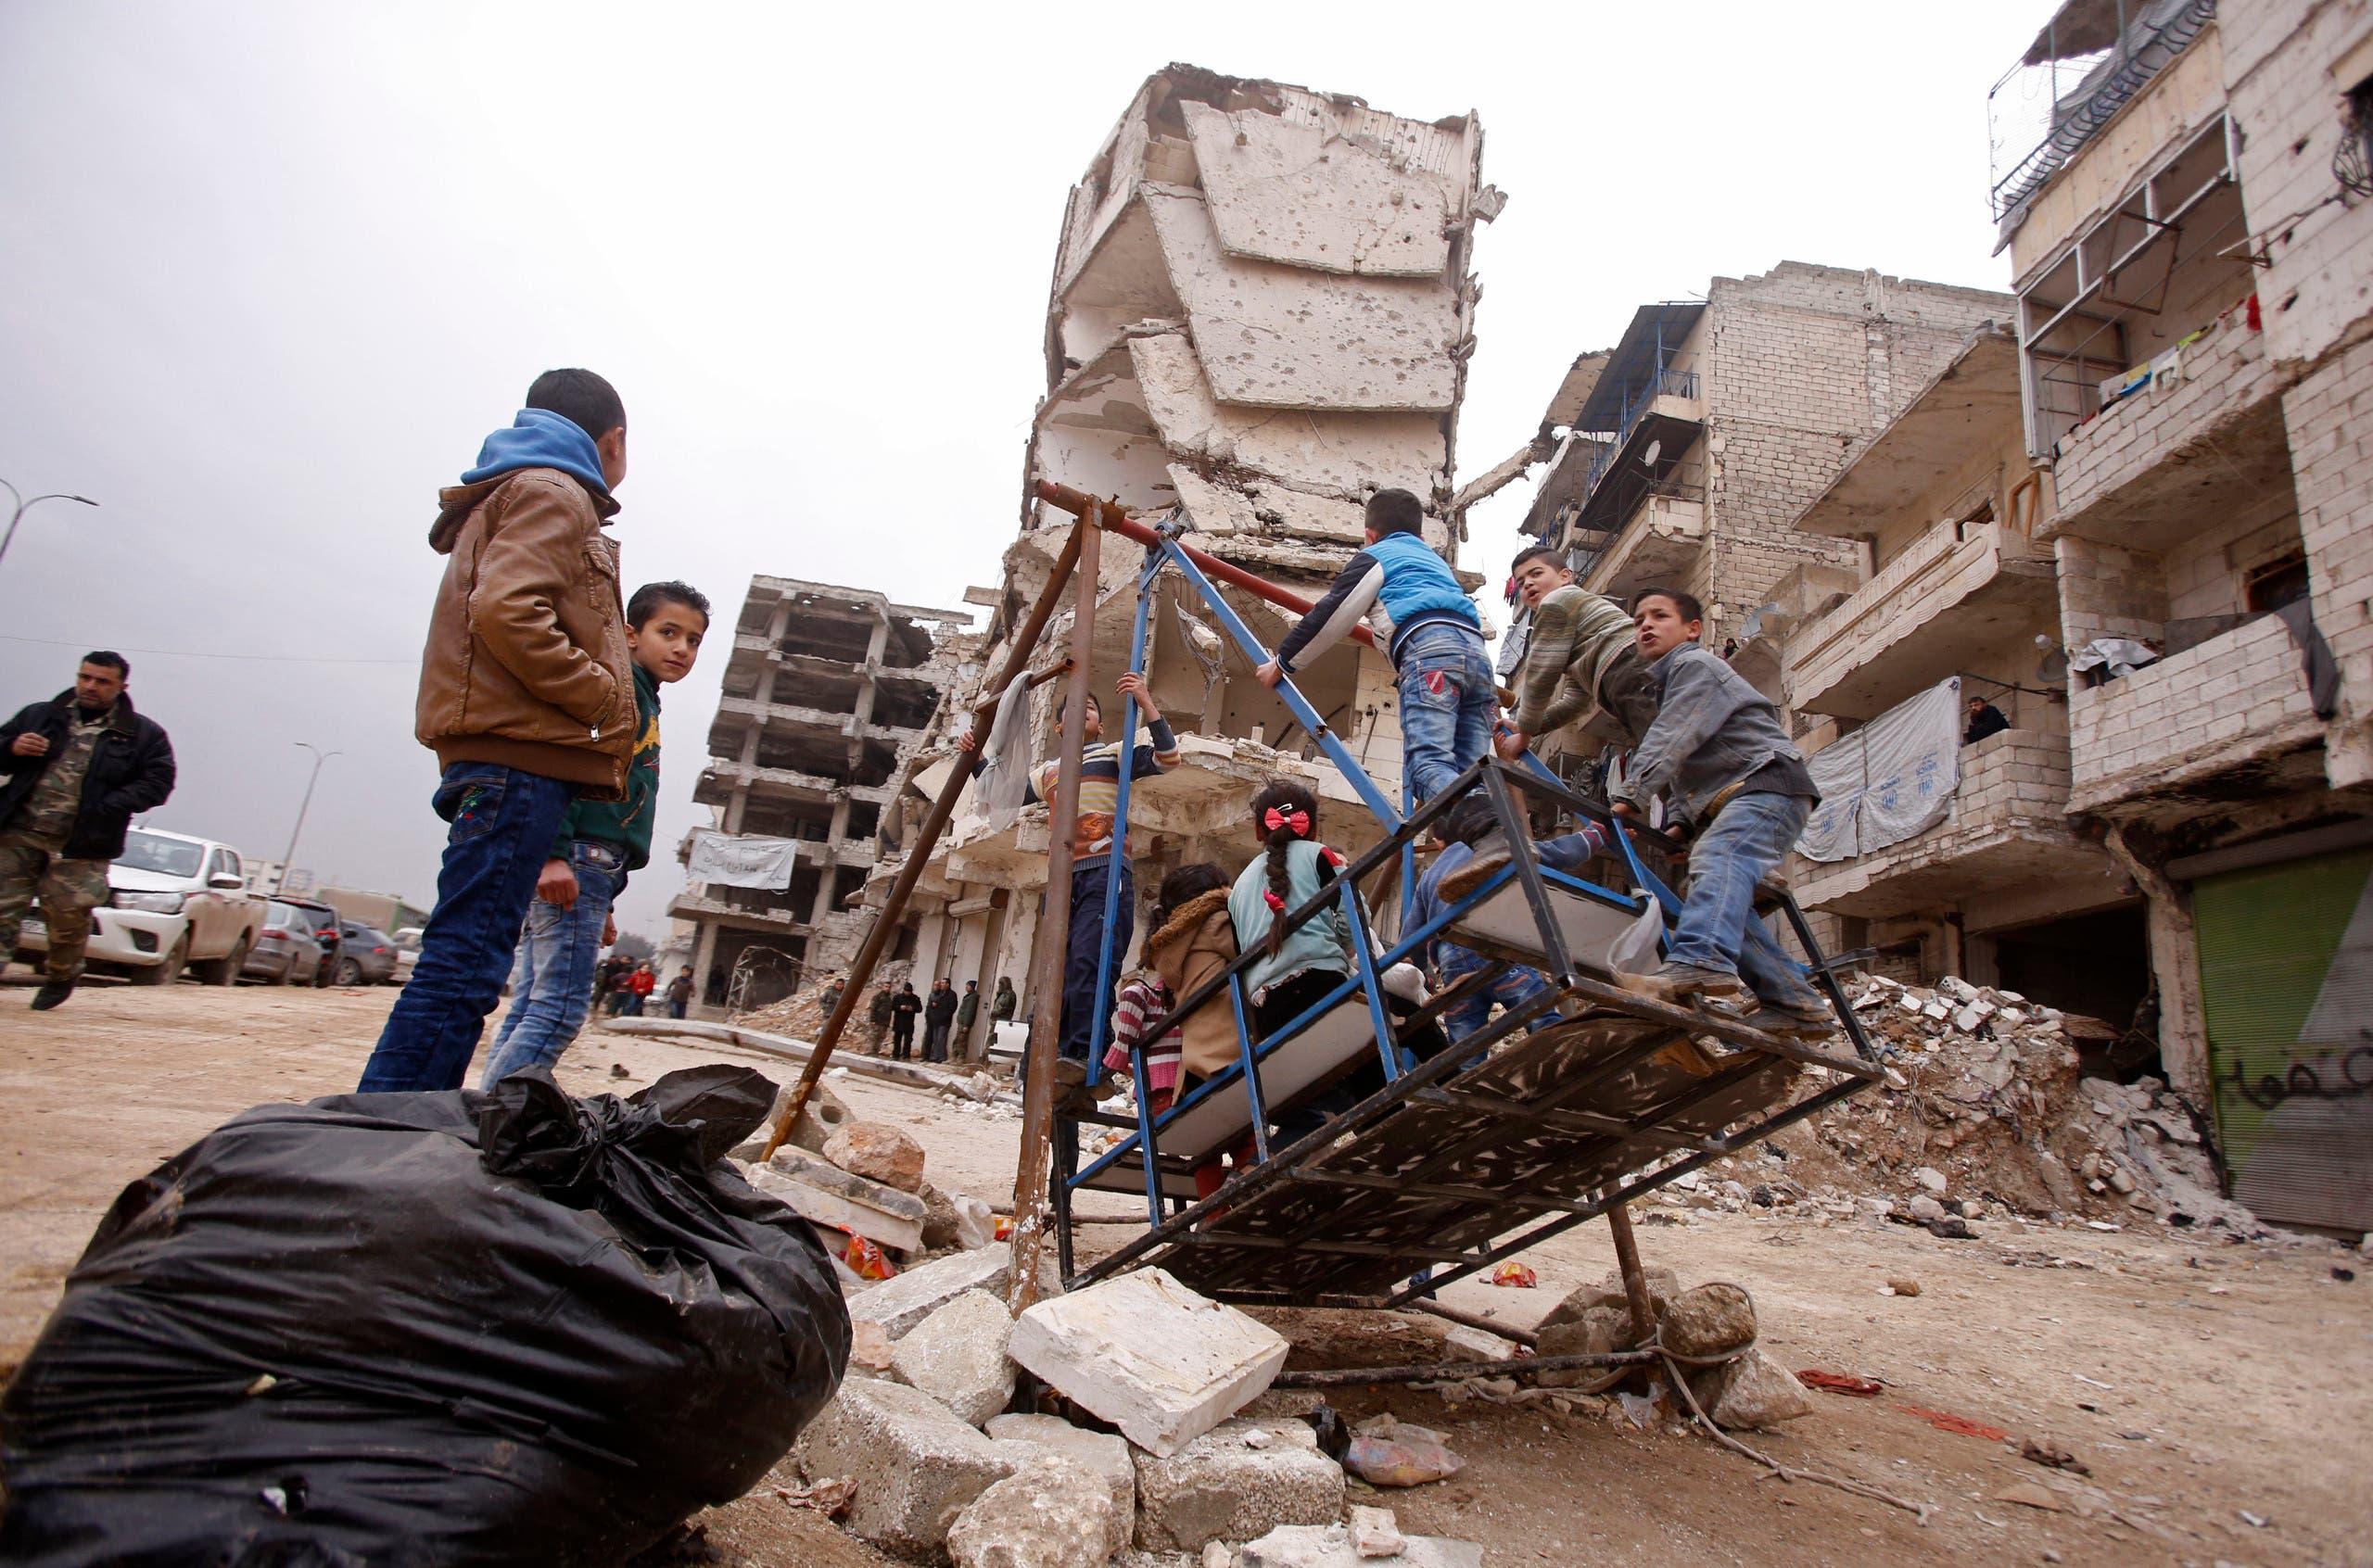 أطفال سوريون يلعبون قرب الدمار في حلب في ديسمبر 2016